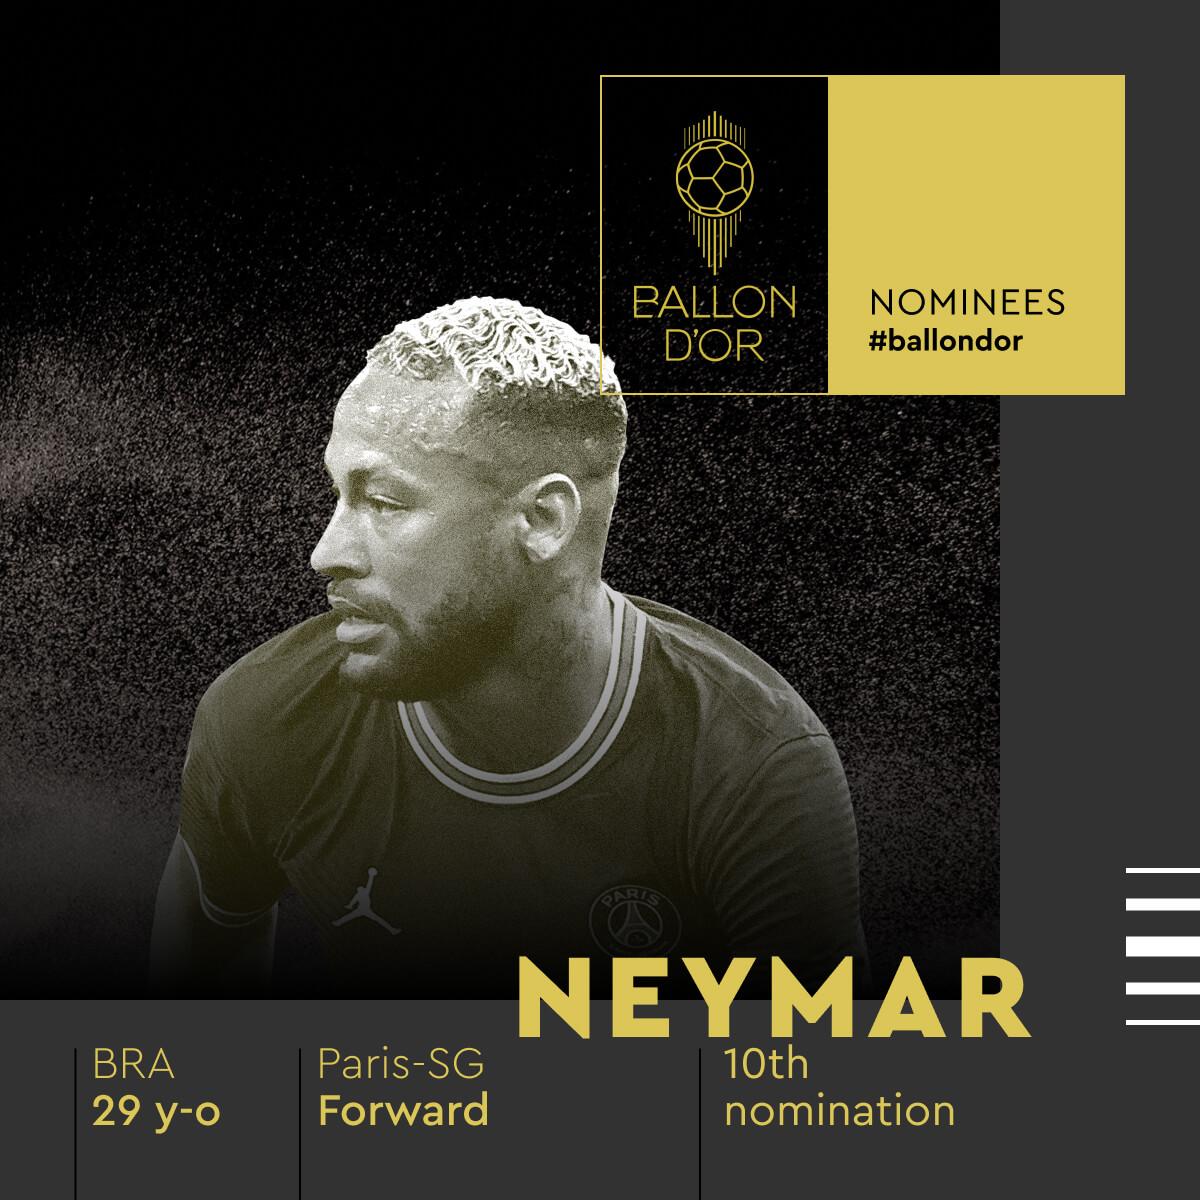 Neymar disputa a Bola de Ouro mais uma vez